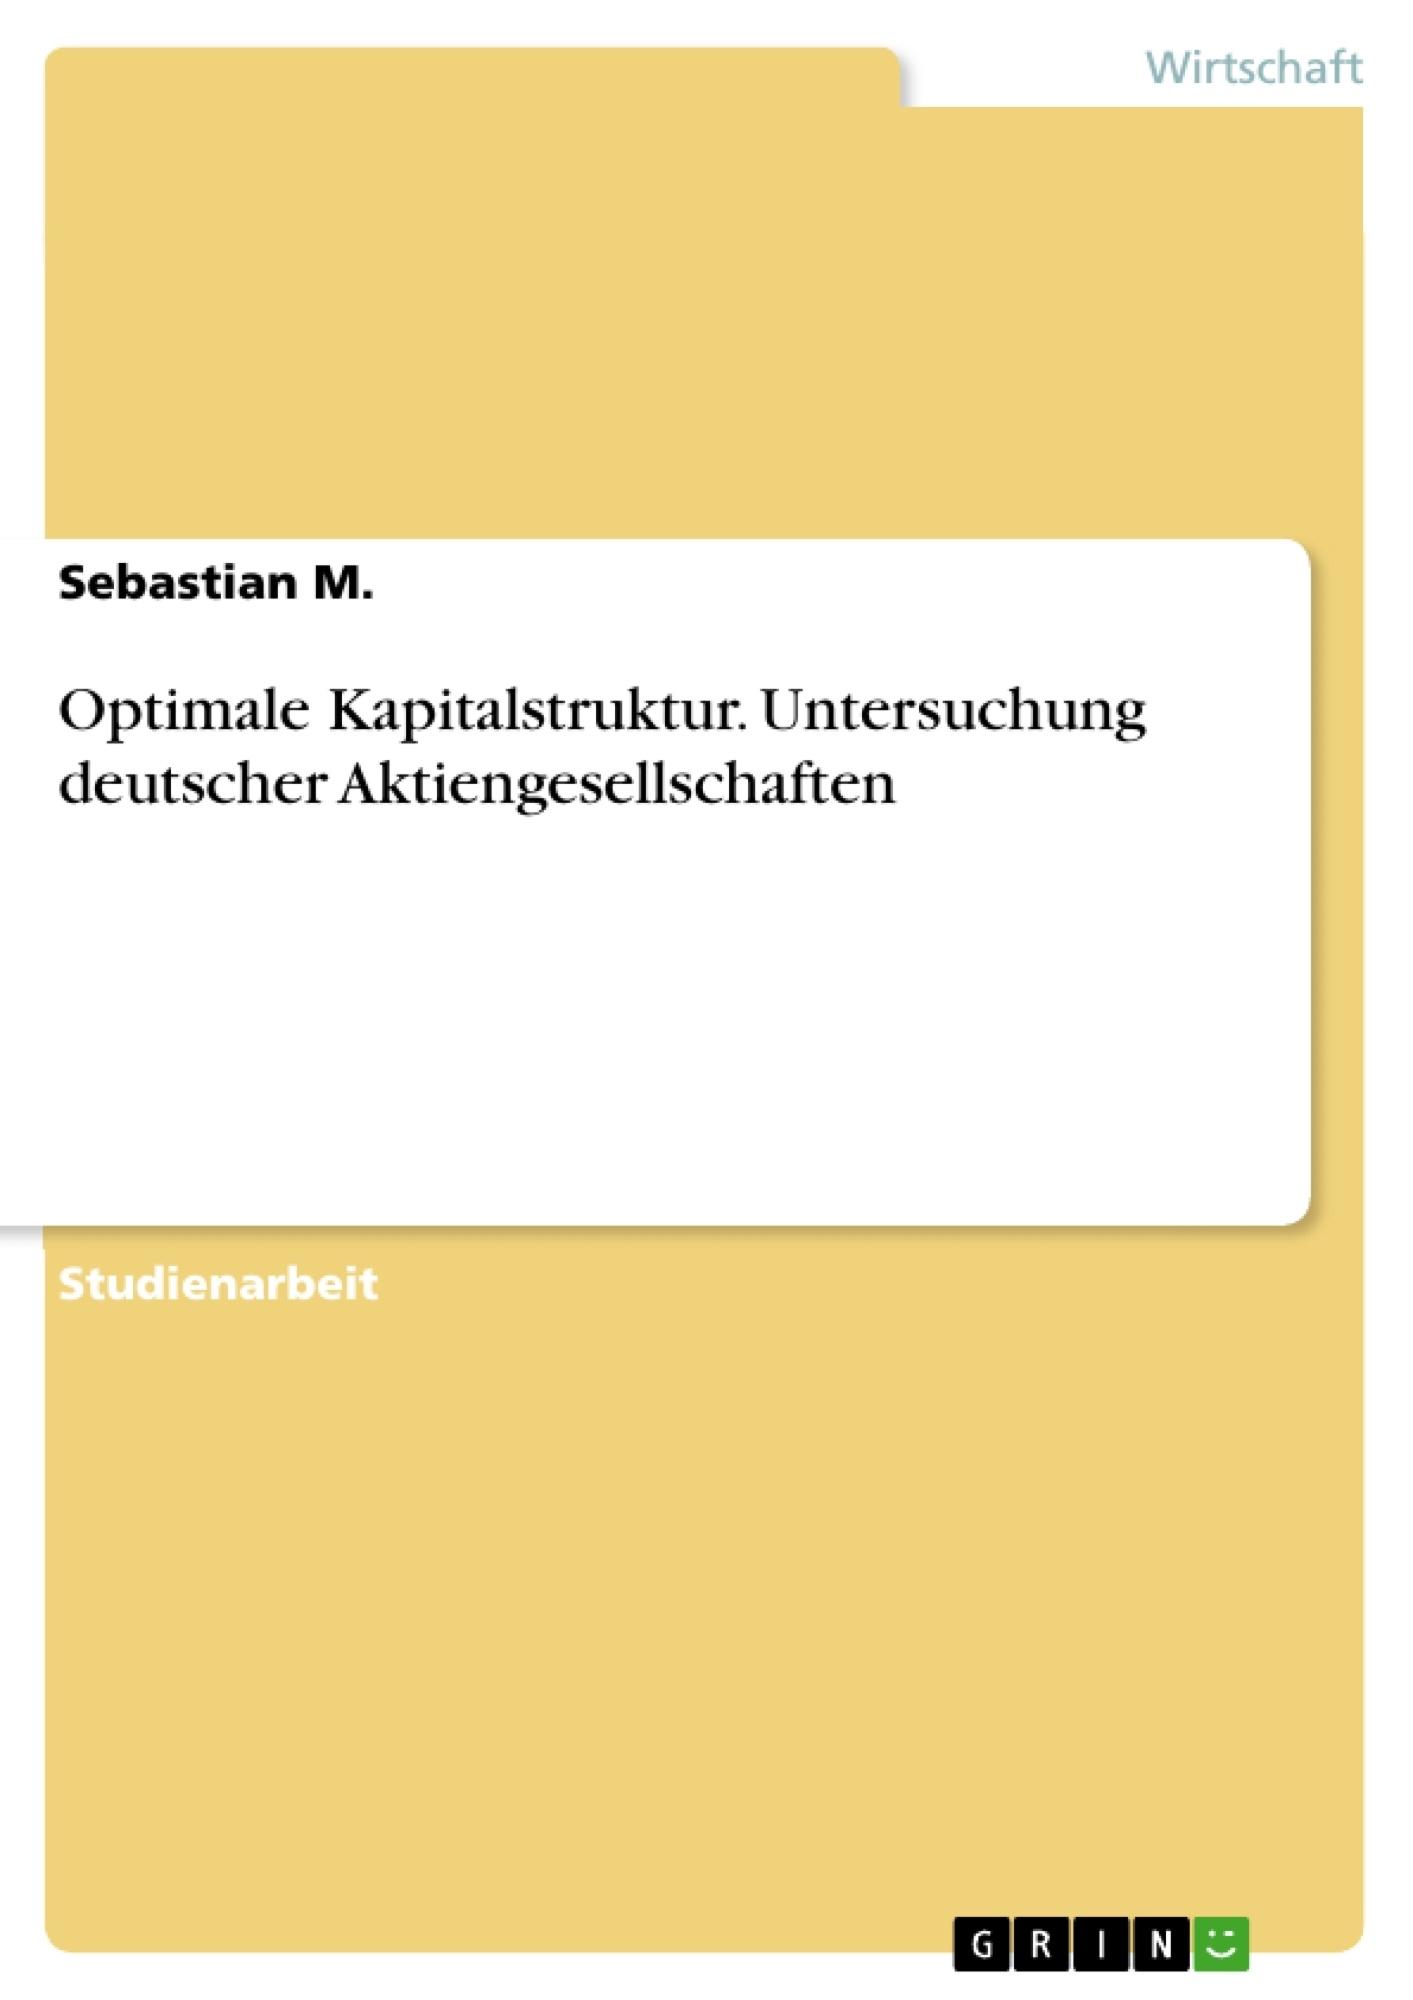 Titel: Optimale Kapitalstruktur. Untersuchung deutscher Aktiengesellschaften